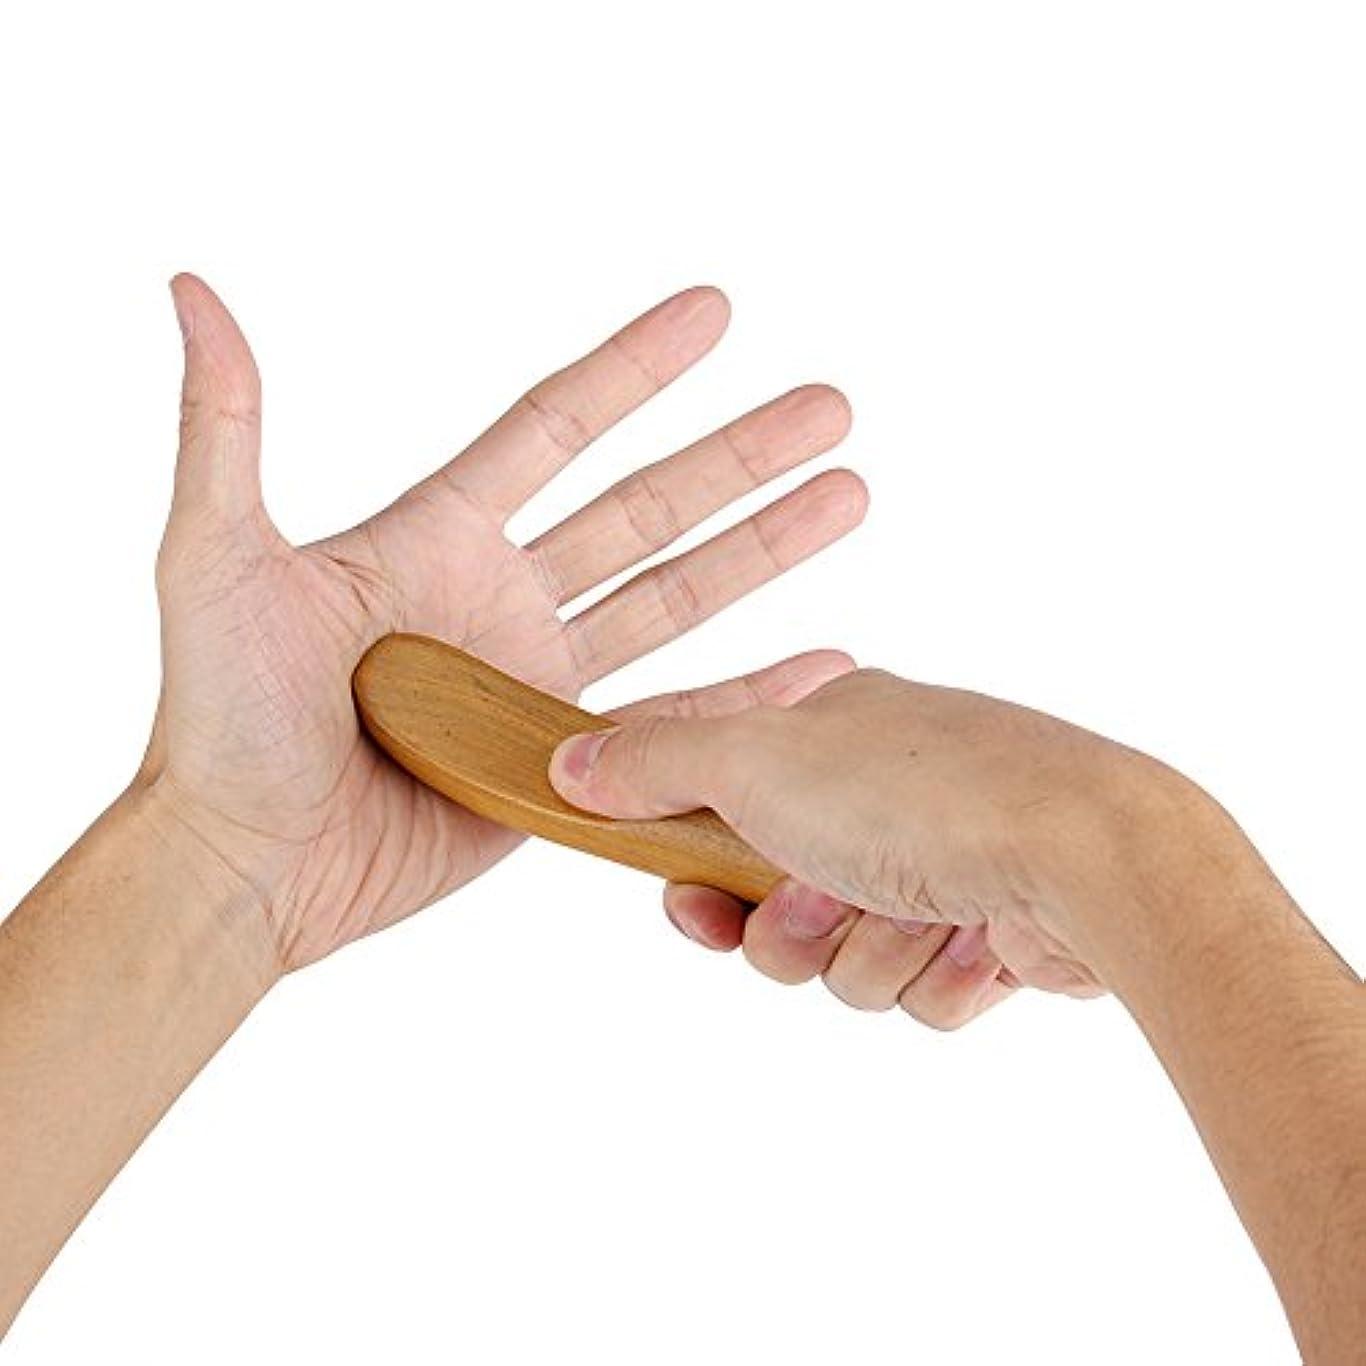 解放する素子標高香りのよい木指圧ポイント子午線掻き寄せスティックミニフィンガーバックボディマッサージャー